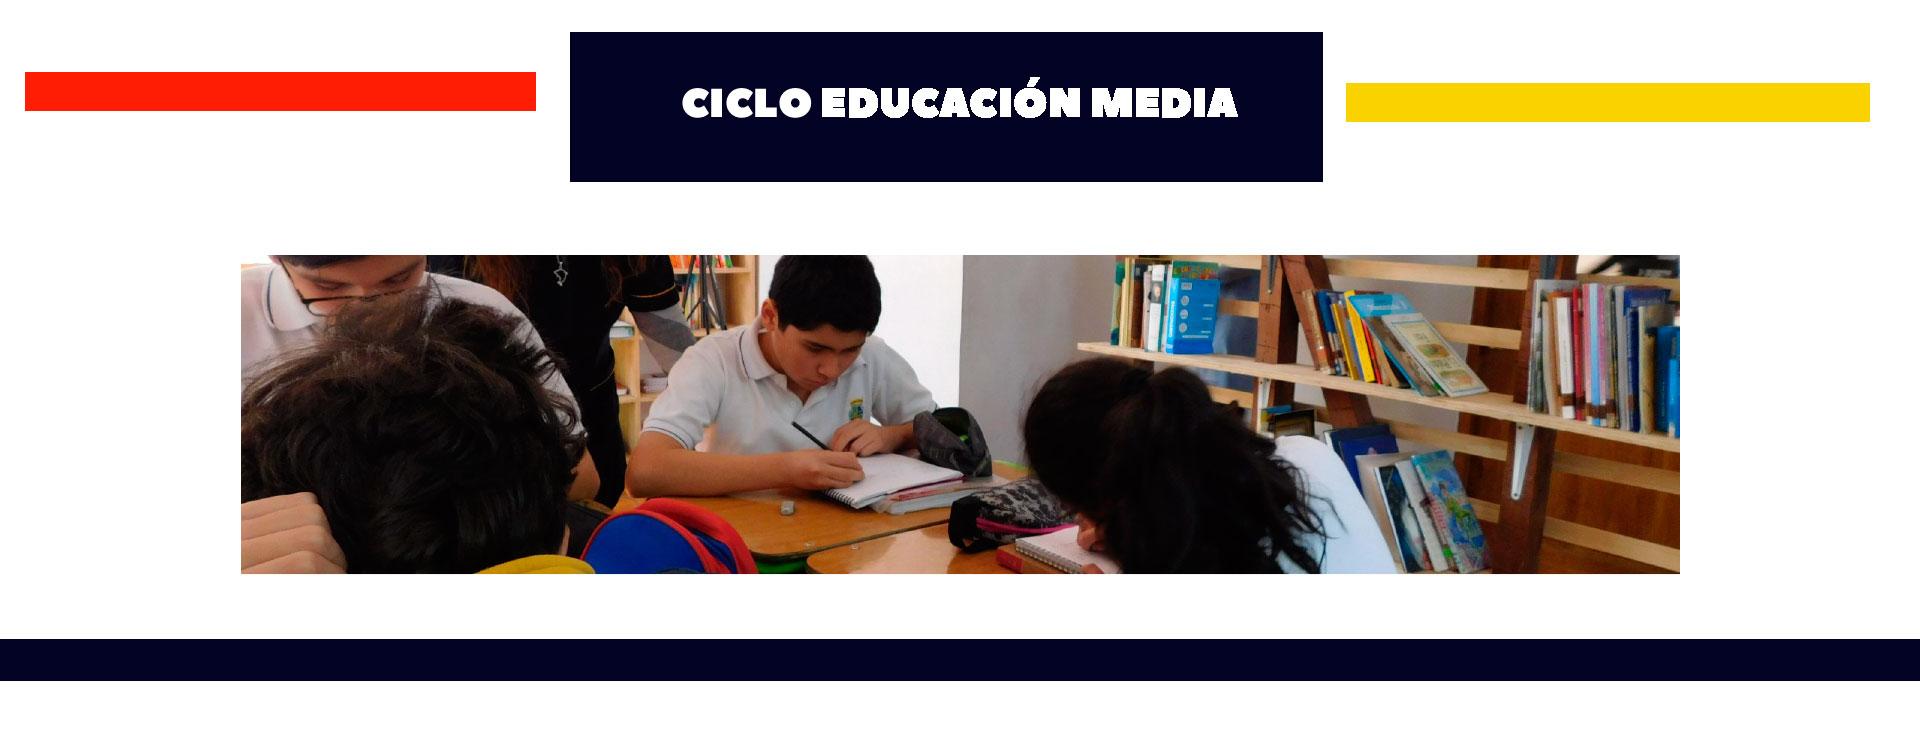 Educación Media - Enseñanza Media